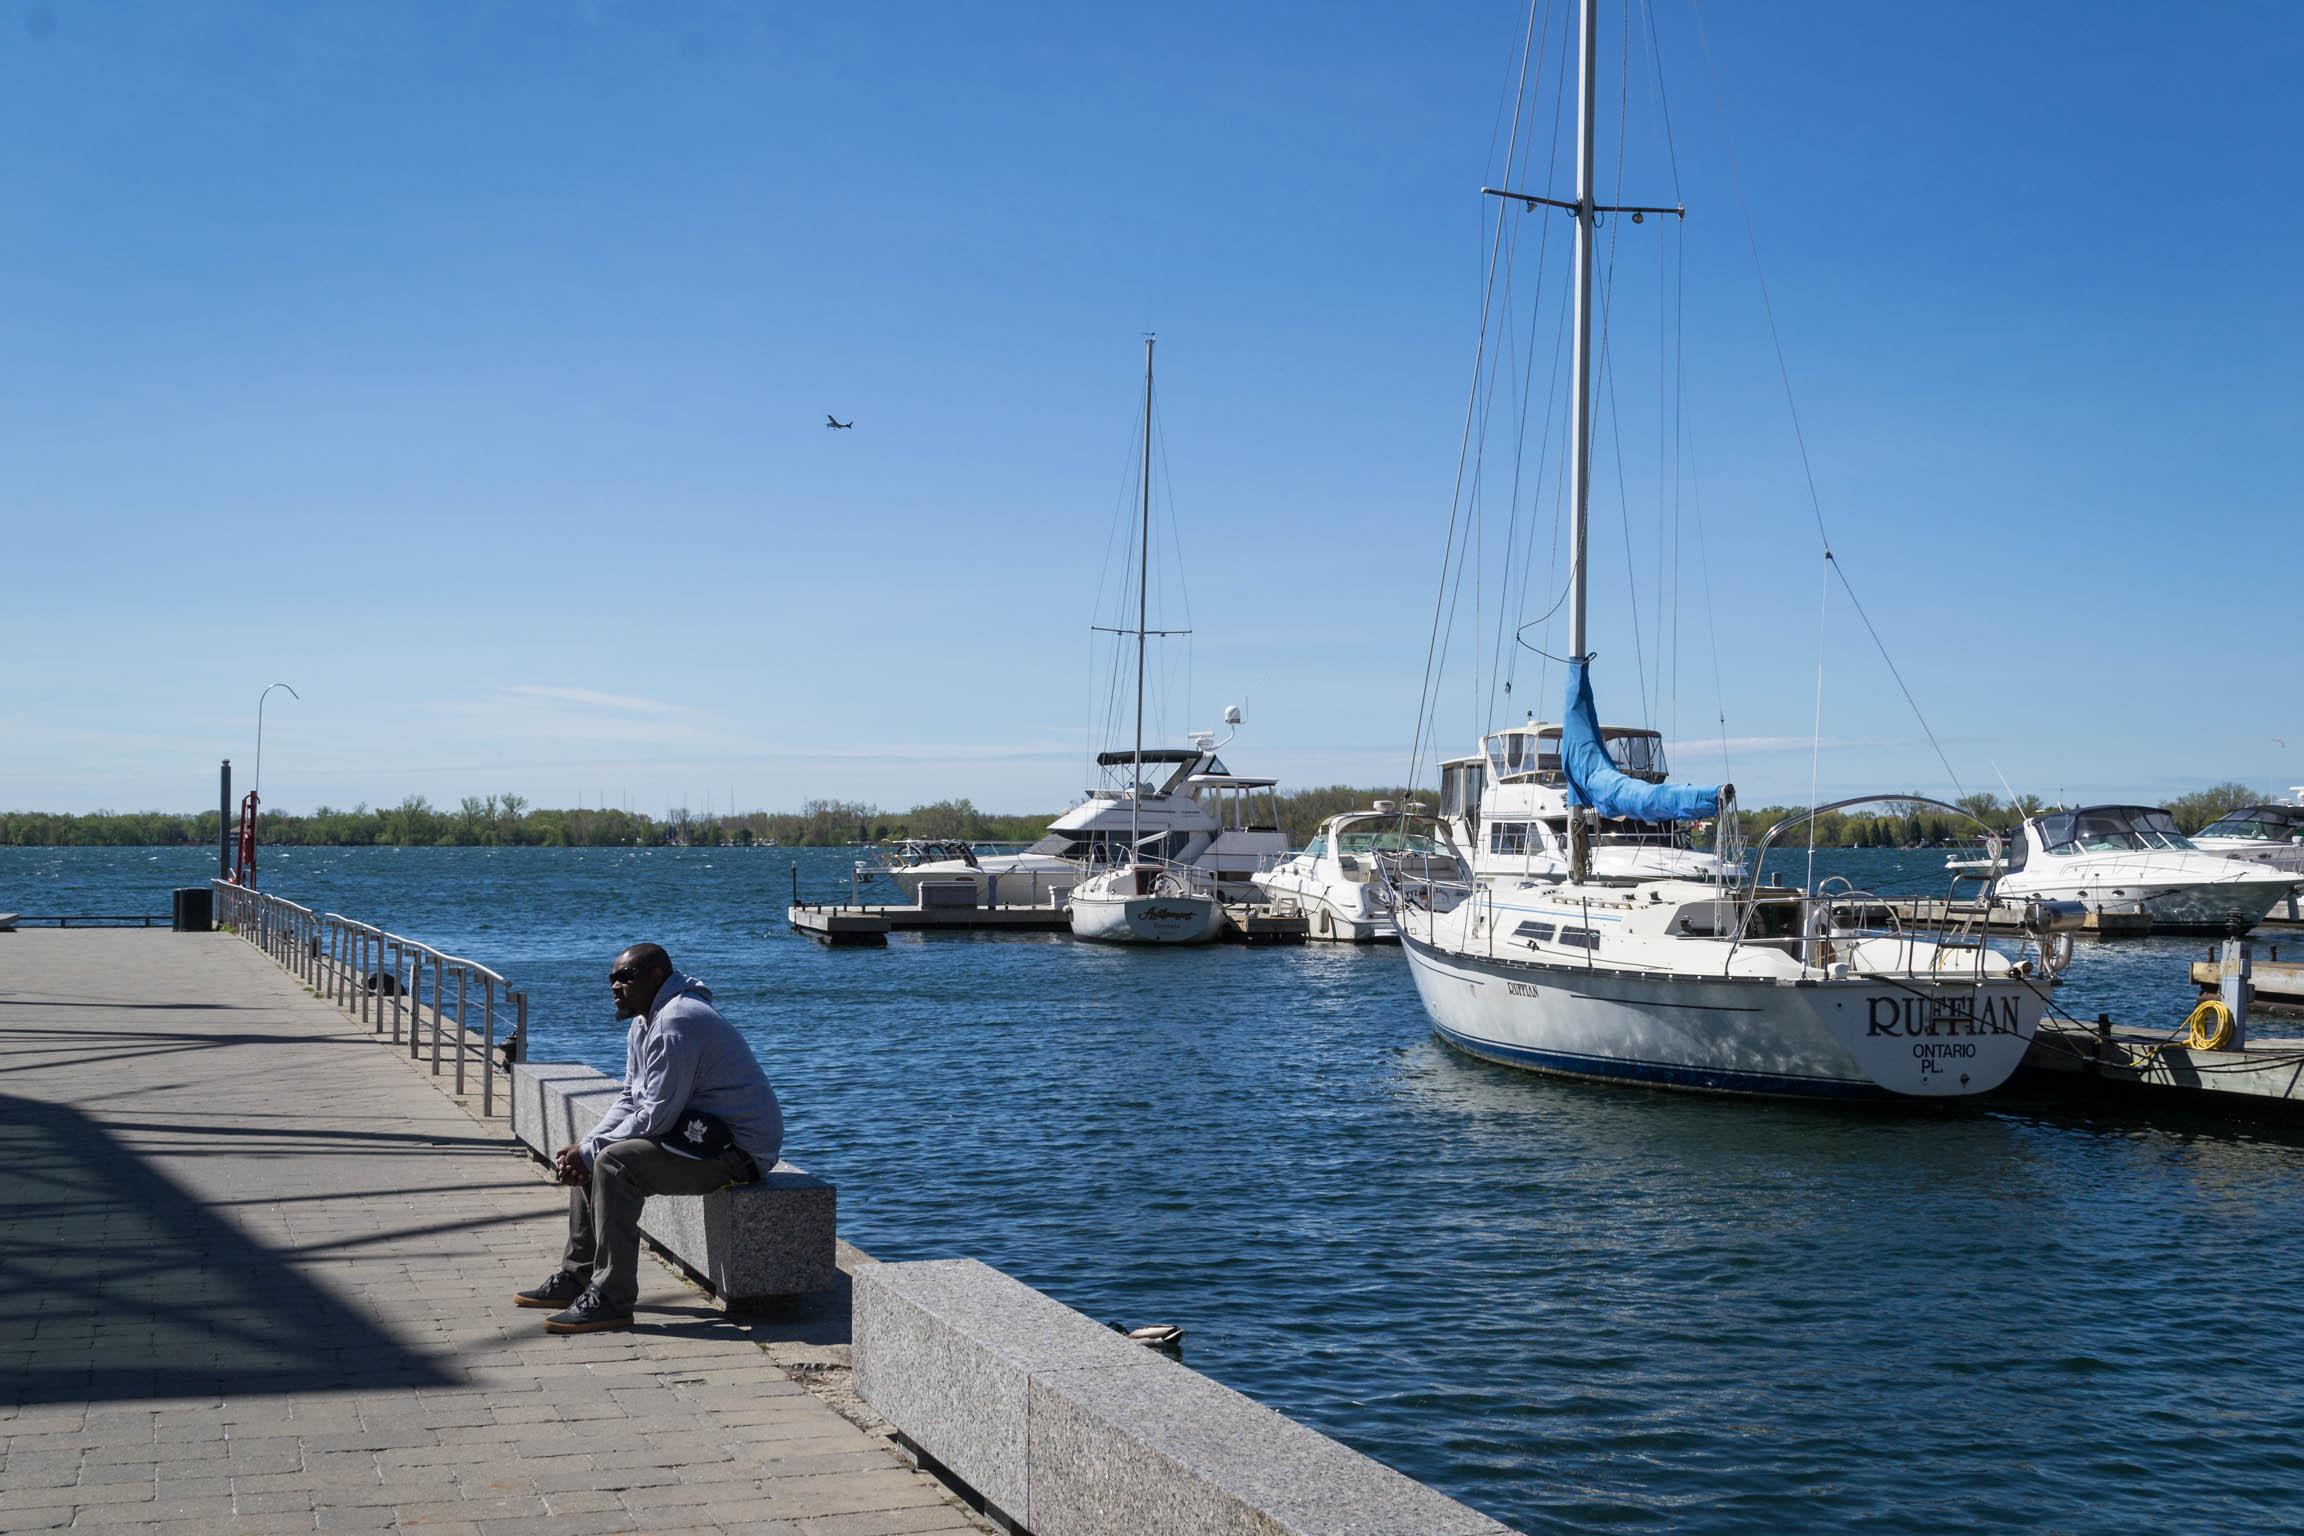 Un petit aperçu des abords du lac Ontario.